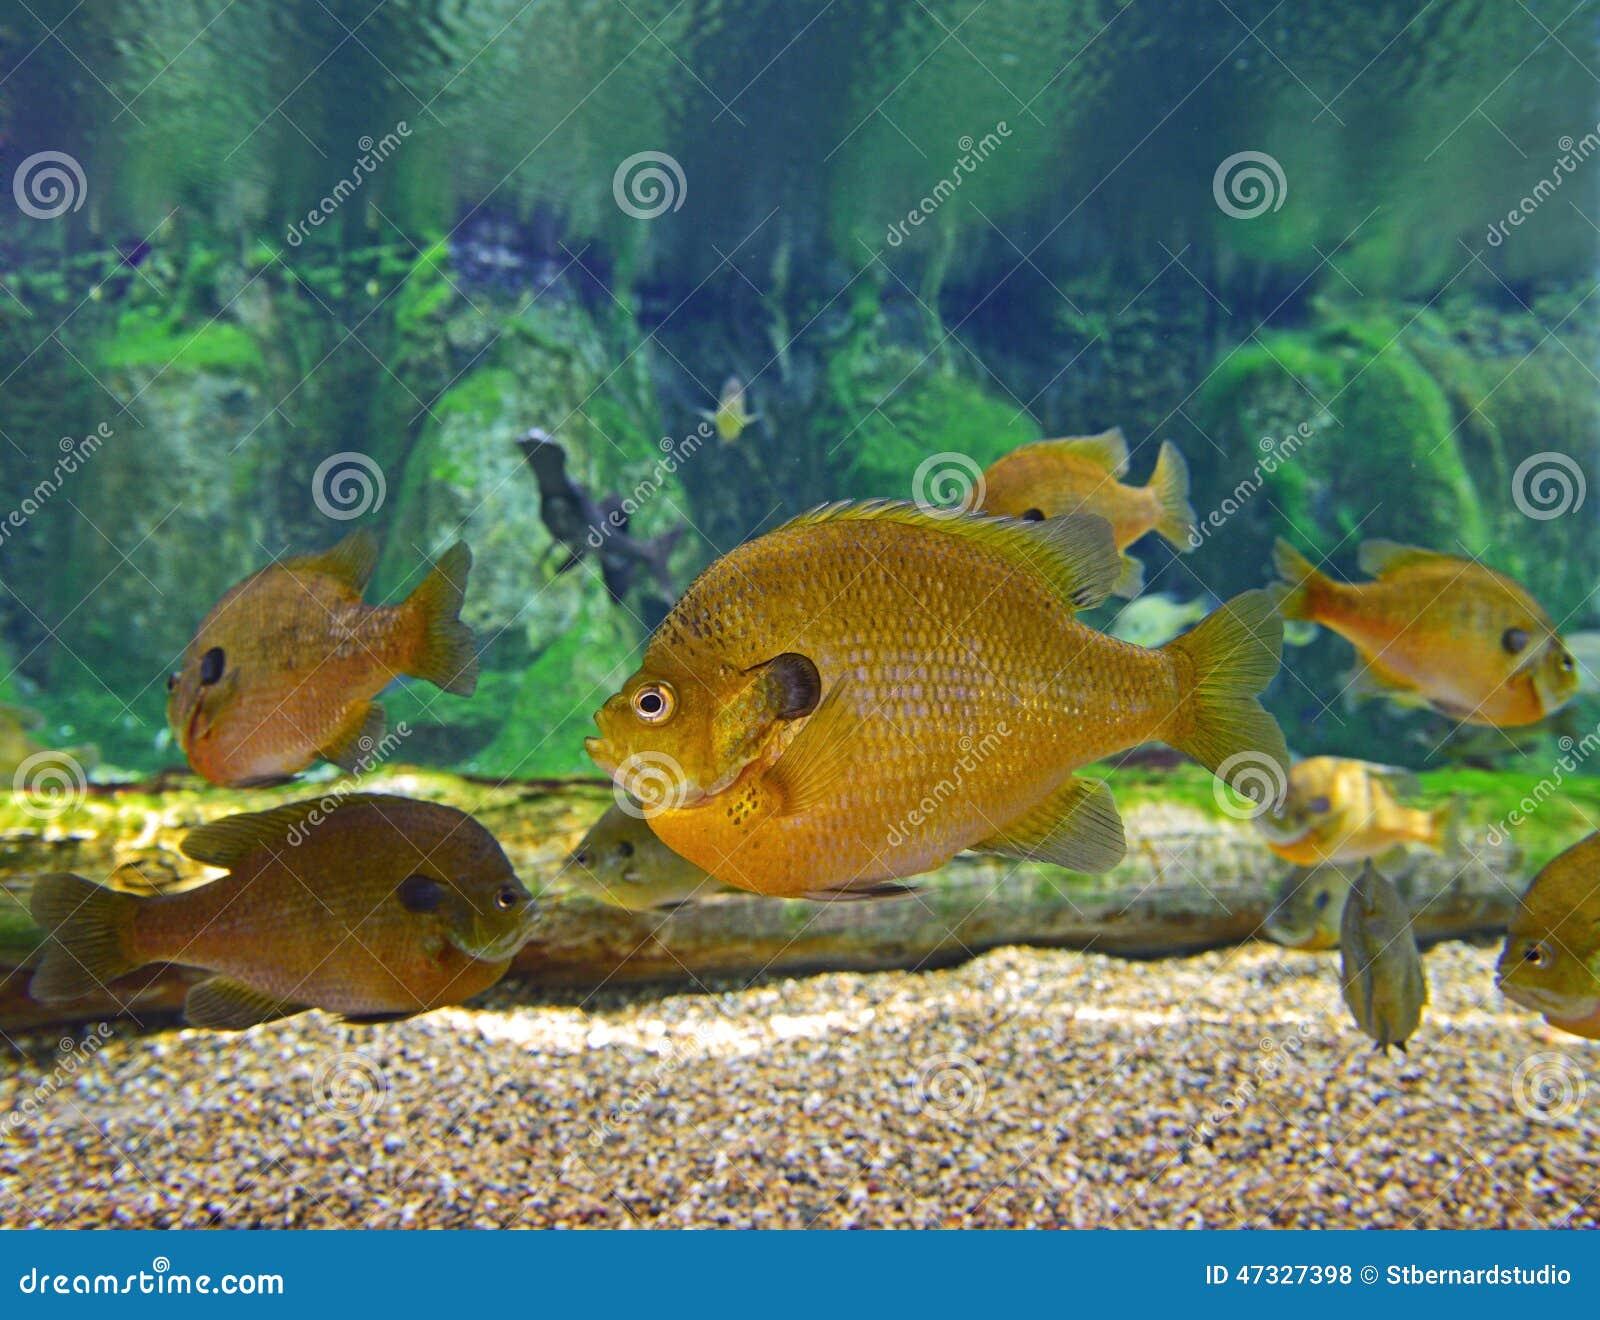 Une école De Sunfish De Poisson De Soleil Photo stock - Image du ...